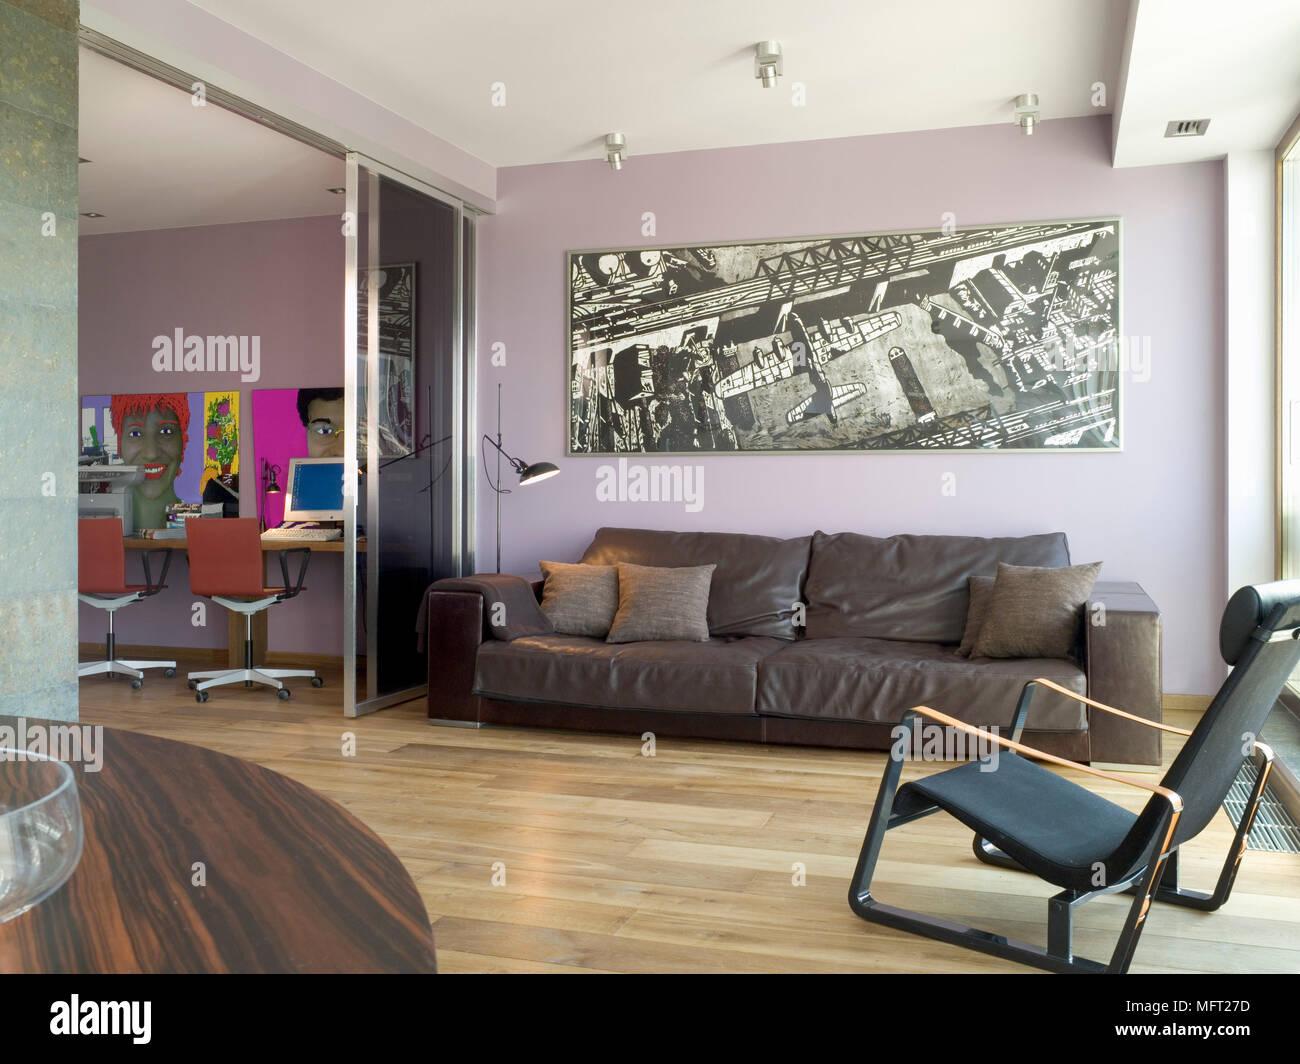 Wohnzimmer Grosses Foto Oben Couch Auf Holzboden Neben Home